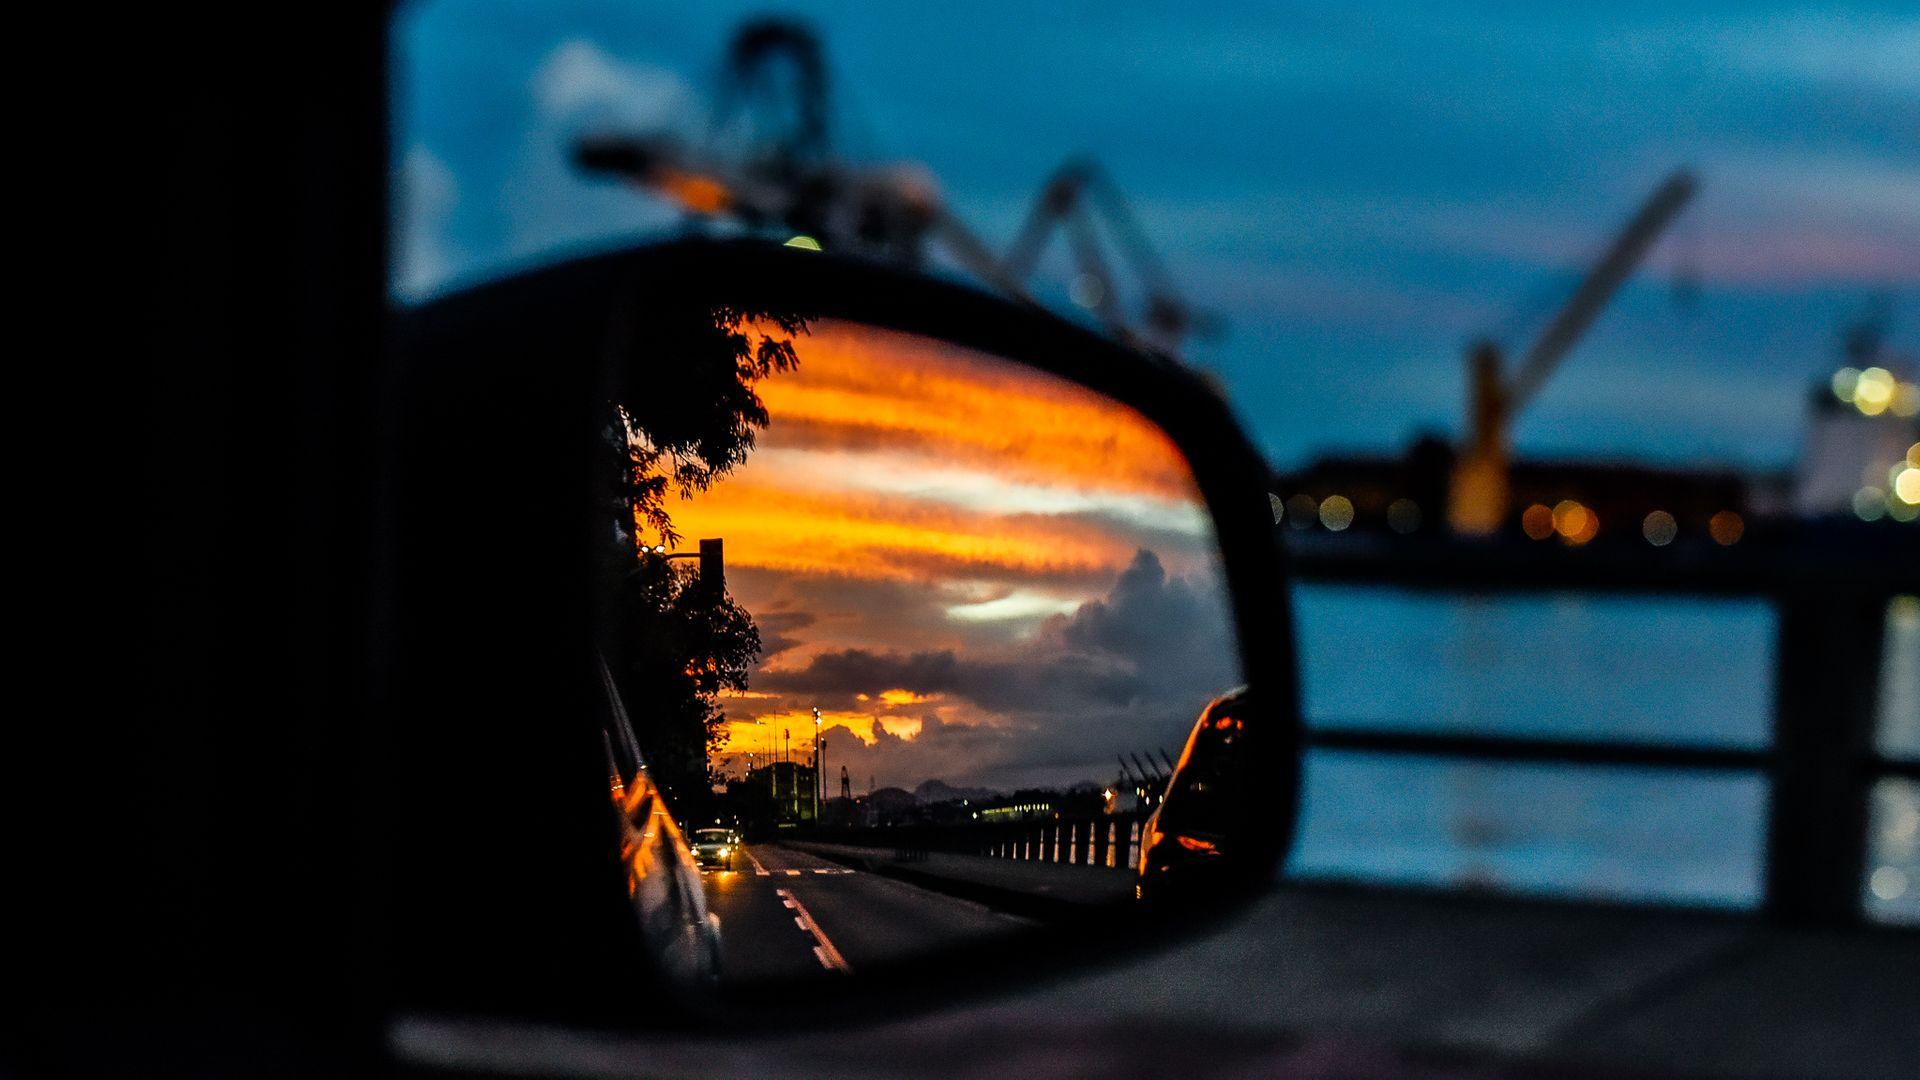 28/02/2021 - Pôr do sol com cores intensas na avenida Beira Mar em Vitória fecha o mês de fevereiro